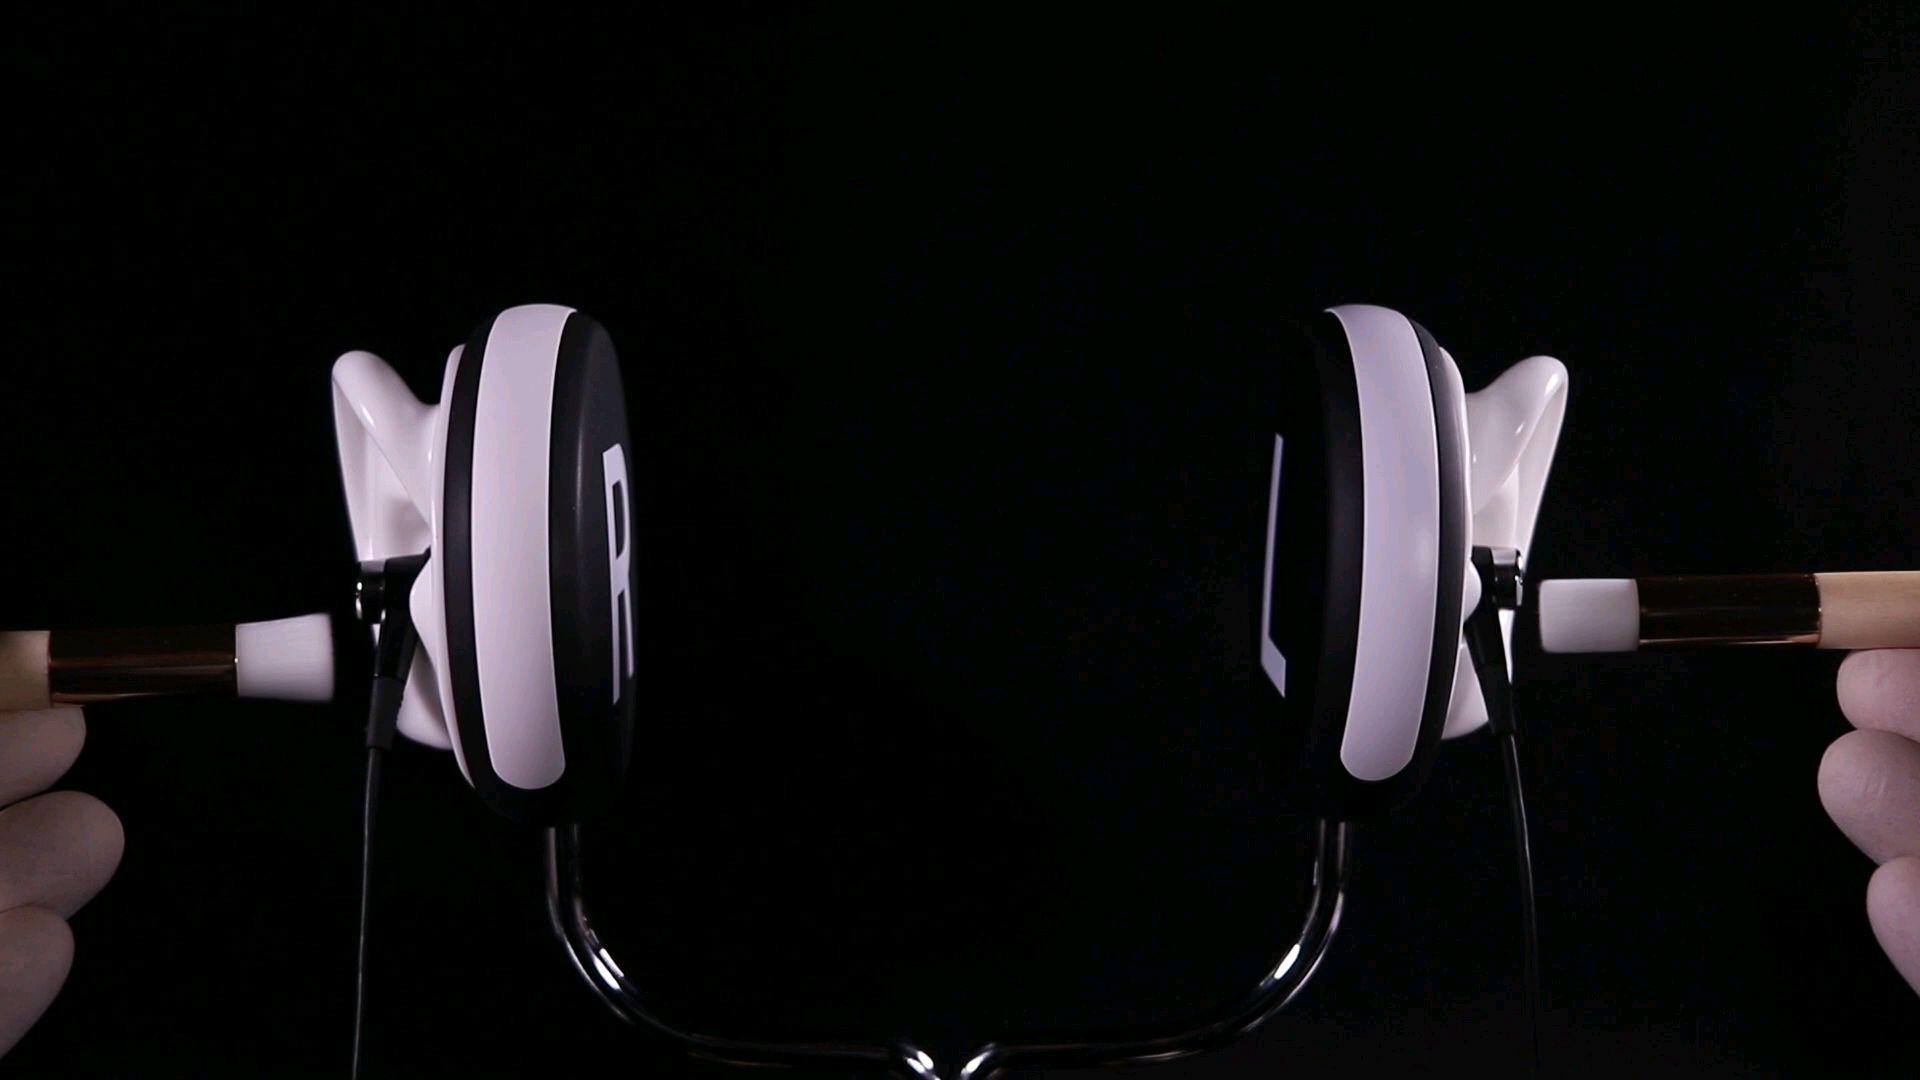 【助眠】音蜜onmitsu   直击鼓膜的耳朵清洁  刺激舒适